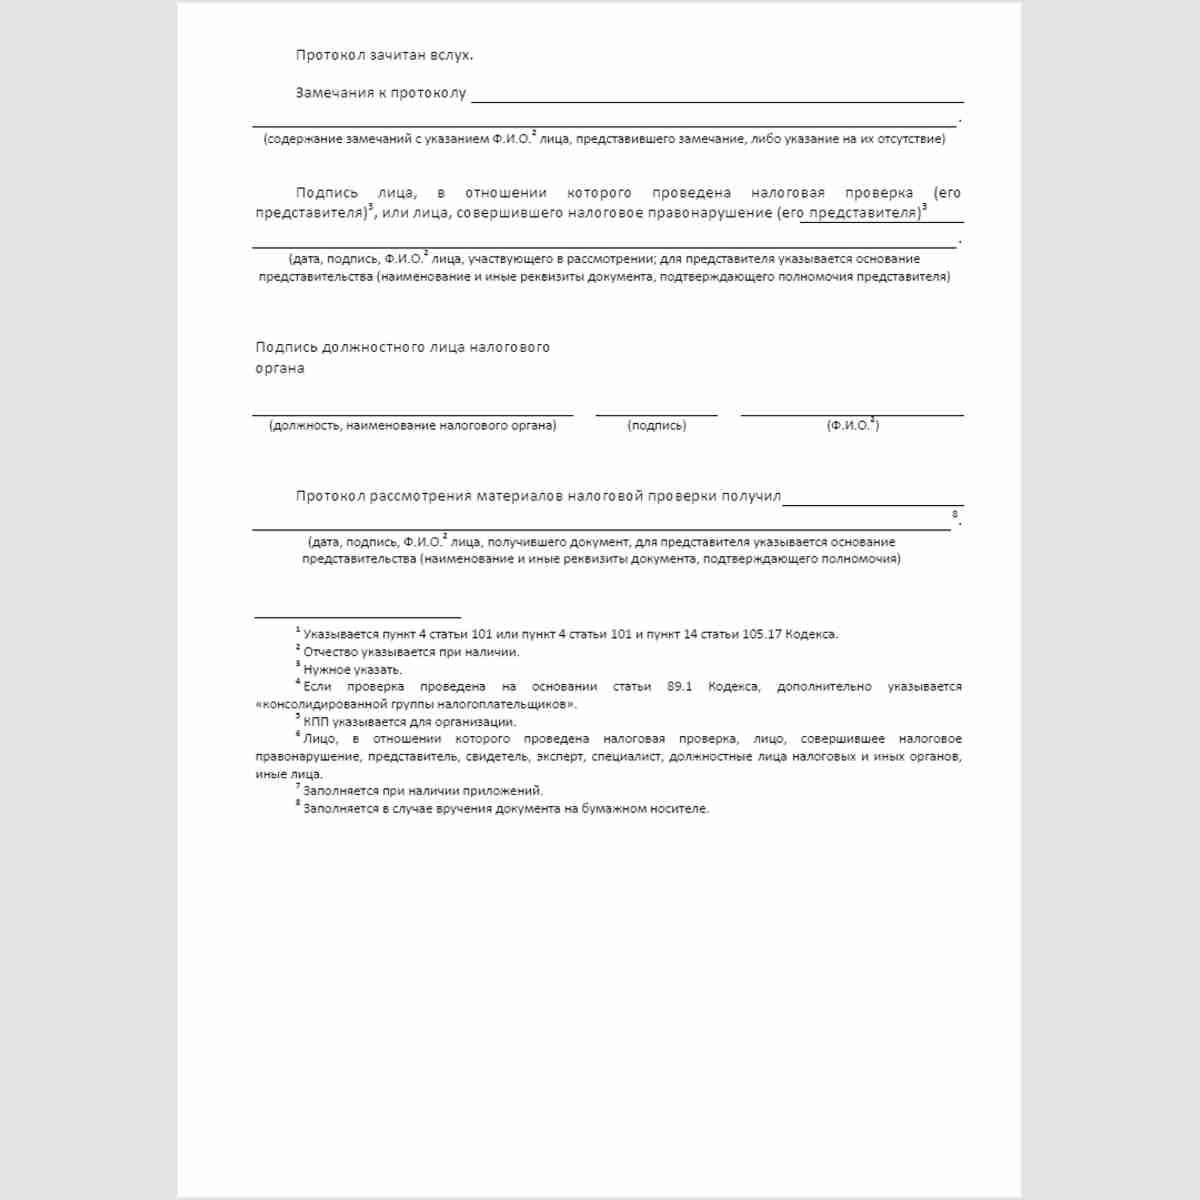 """Форма КНД 1165052 """"Протокол рассмотрения материалов налоговой проверки"""". Стр. 3"""